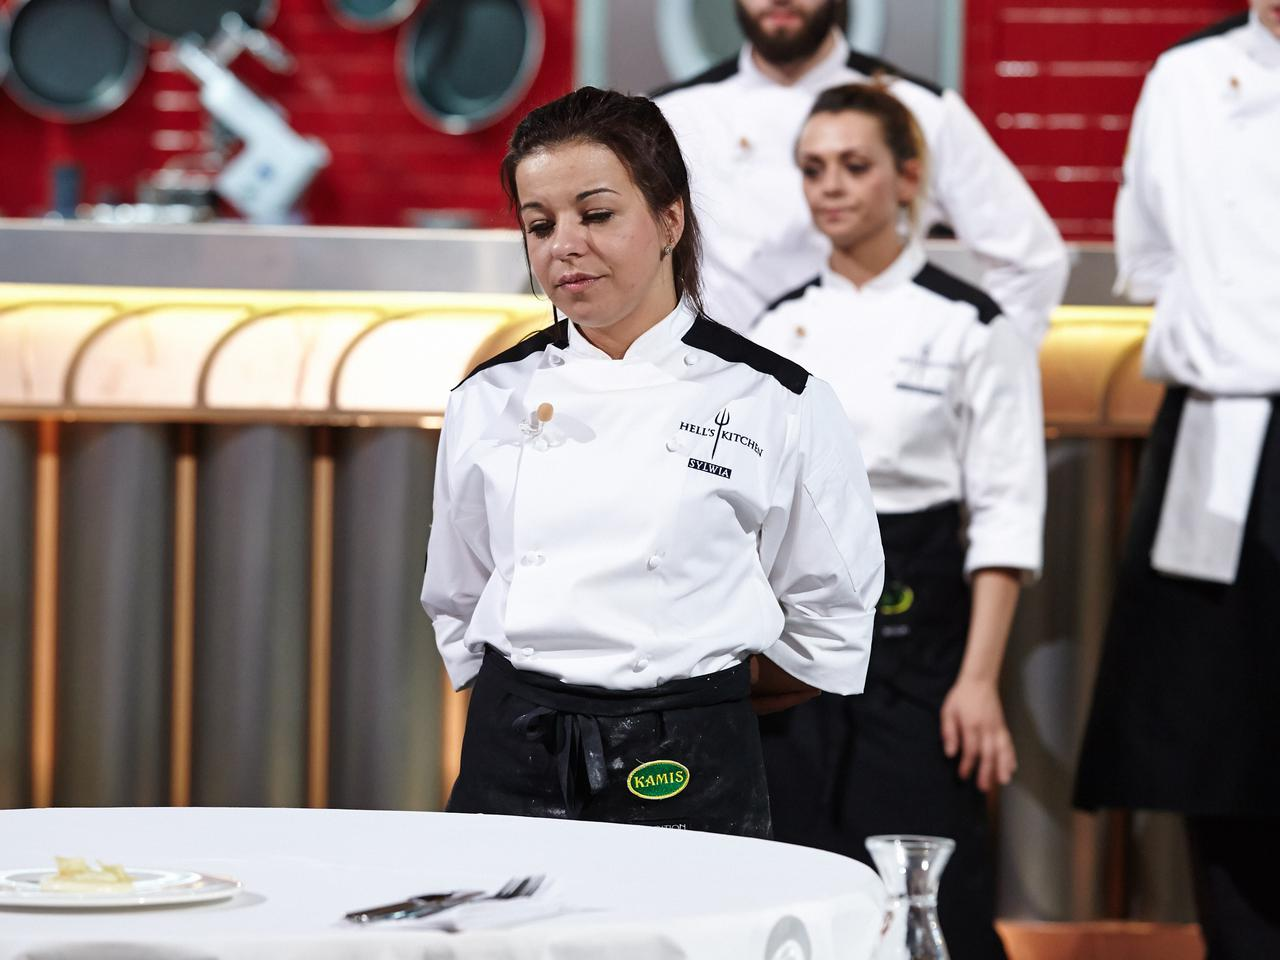 Hell S Kitchen Sylwia Bialy Kim Jest Finalistka Piekielnej Kuchni Super Express Wiadomosci Polityka Sport